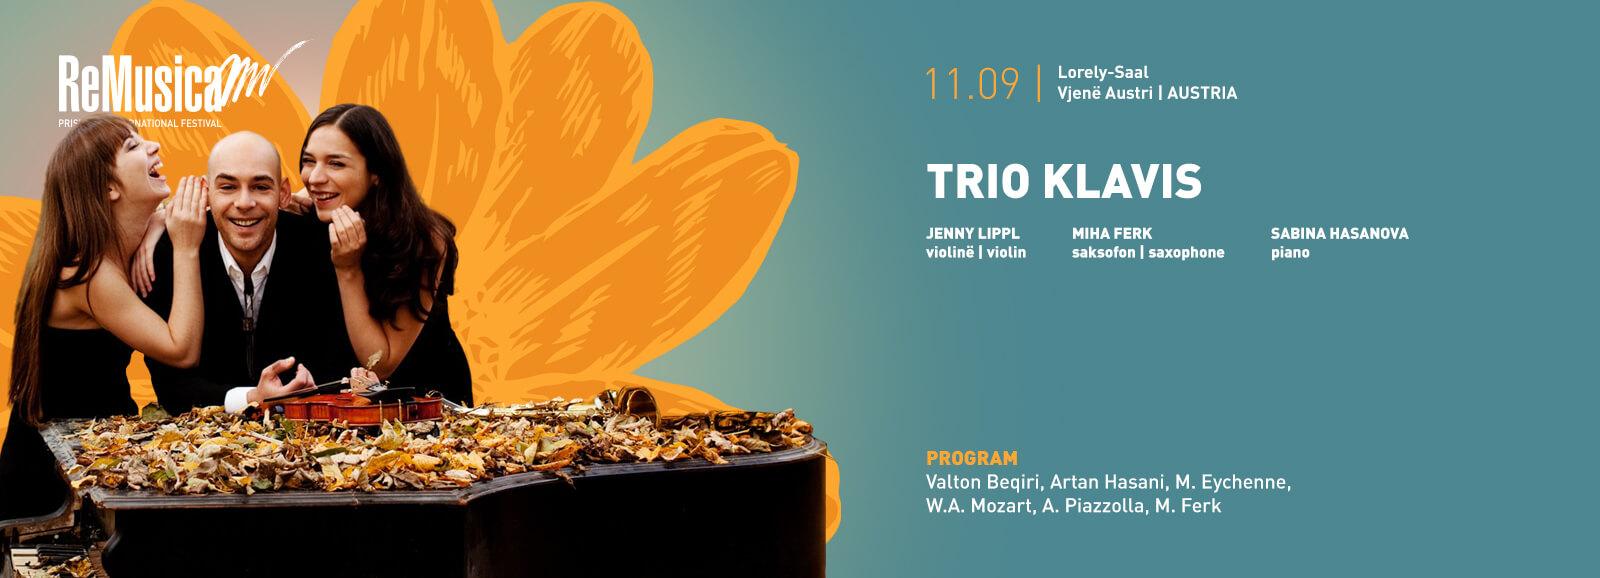 Trio Klavis